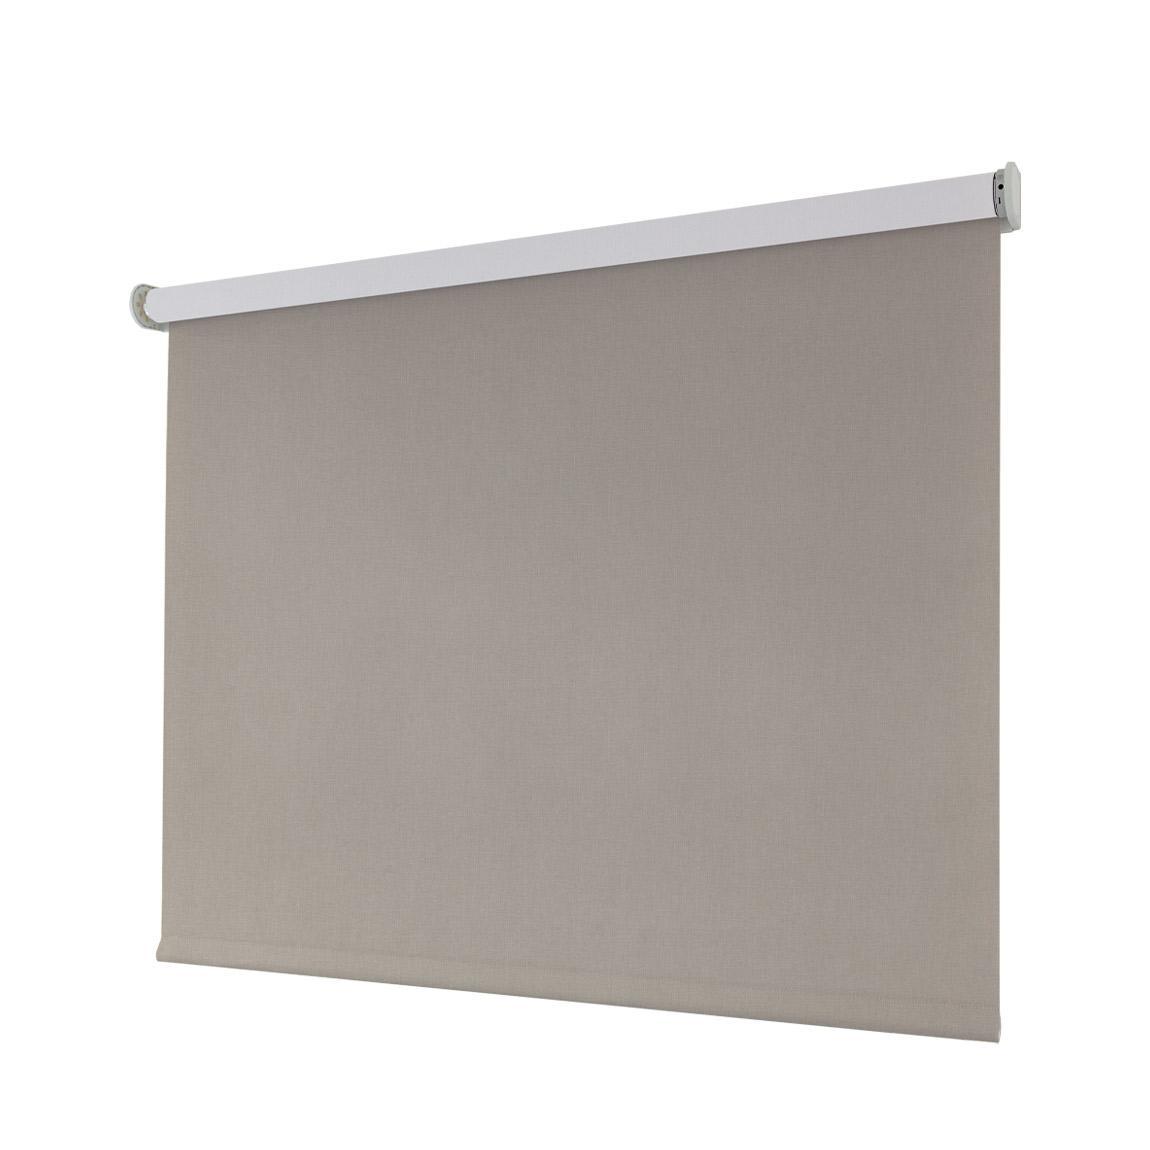 Smartes Sonnenschutz-Rollo, blickdicht - sand 60x230cm